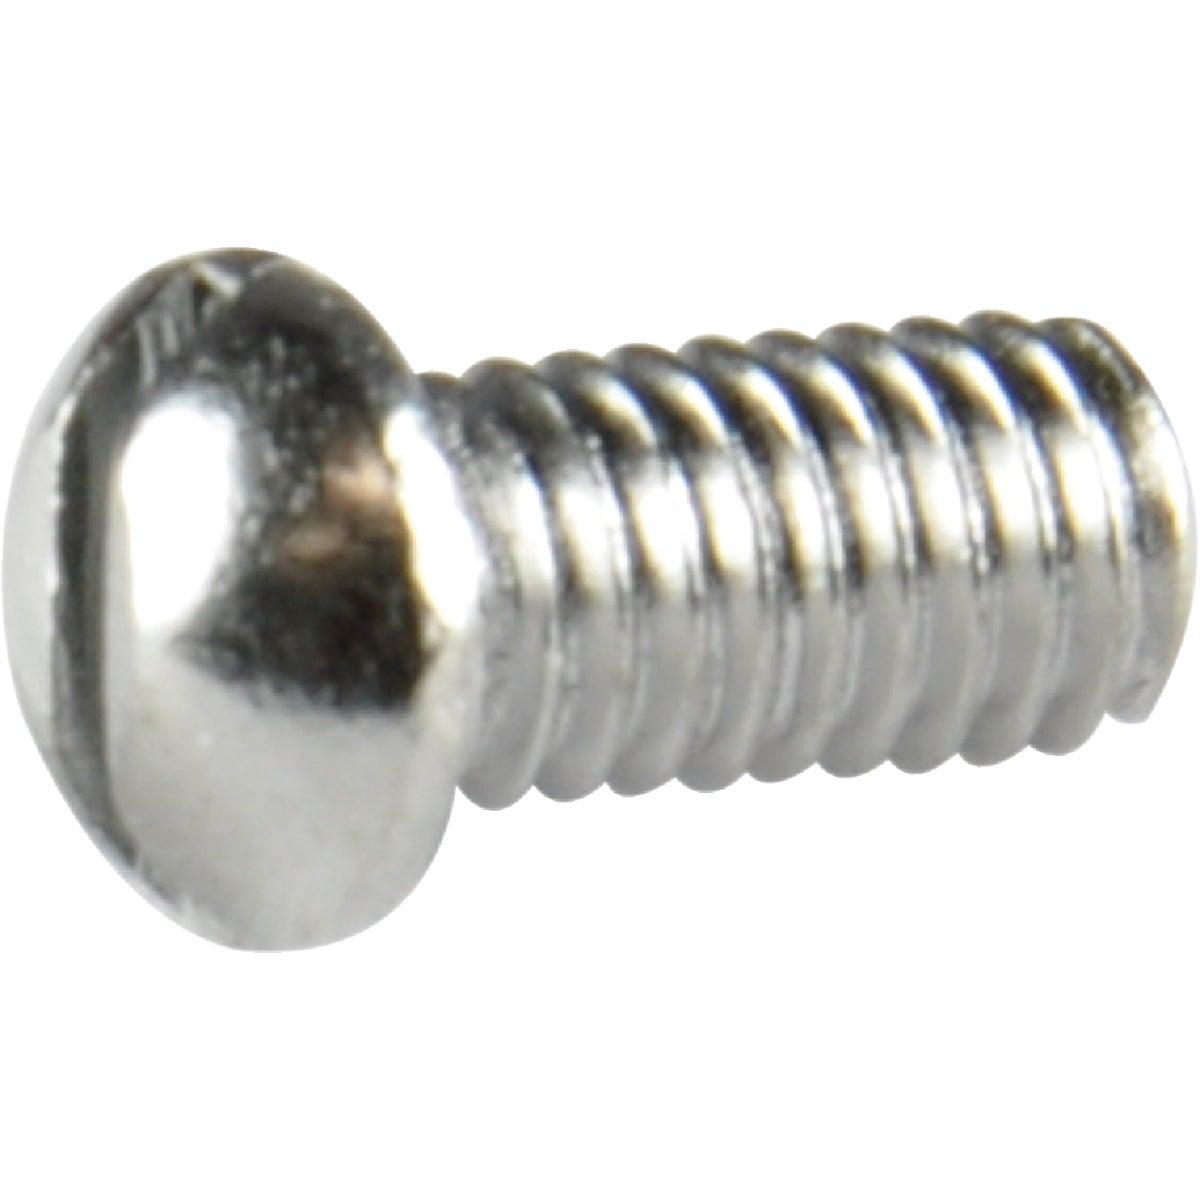 #10 Faucet Bibb Screw